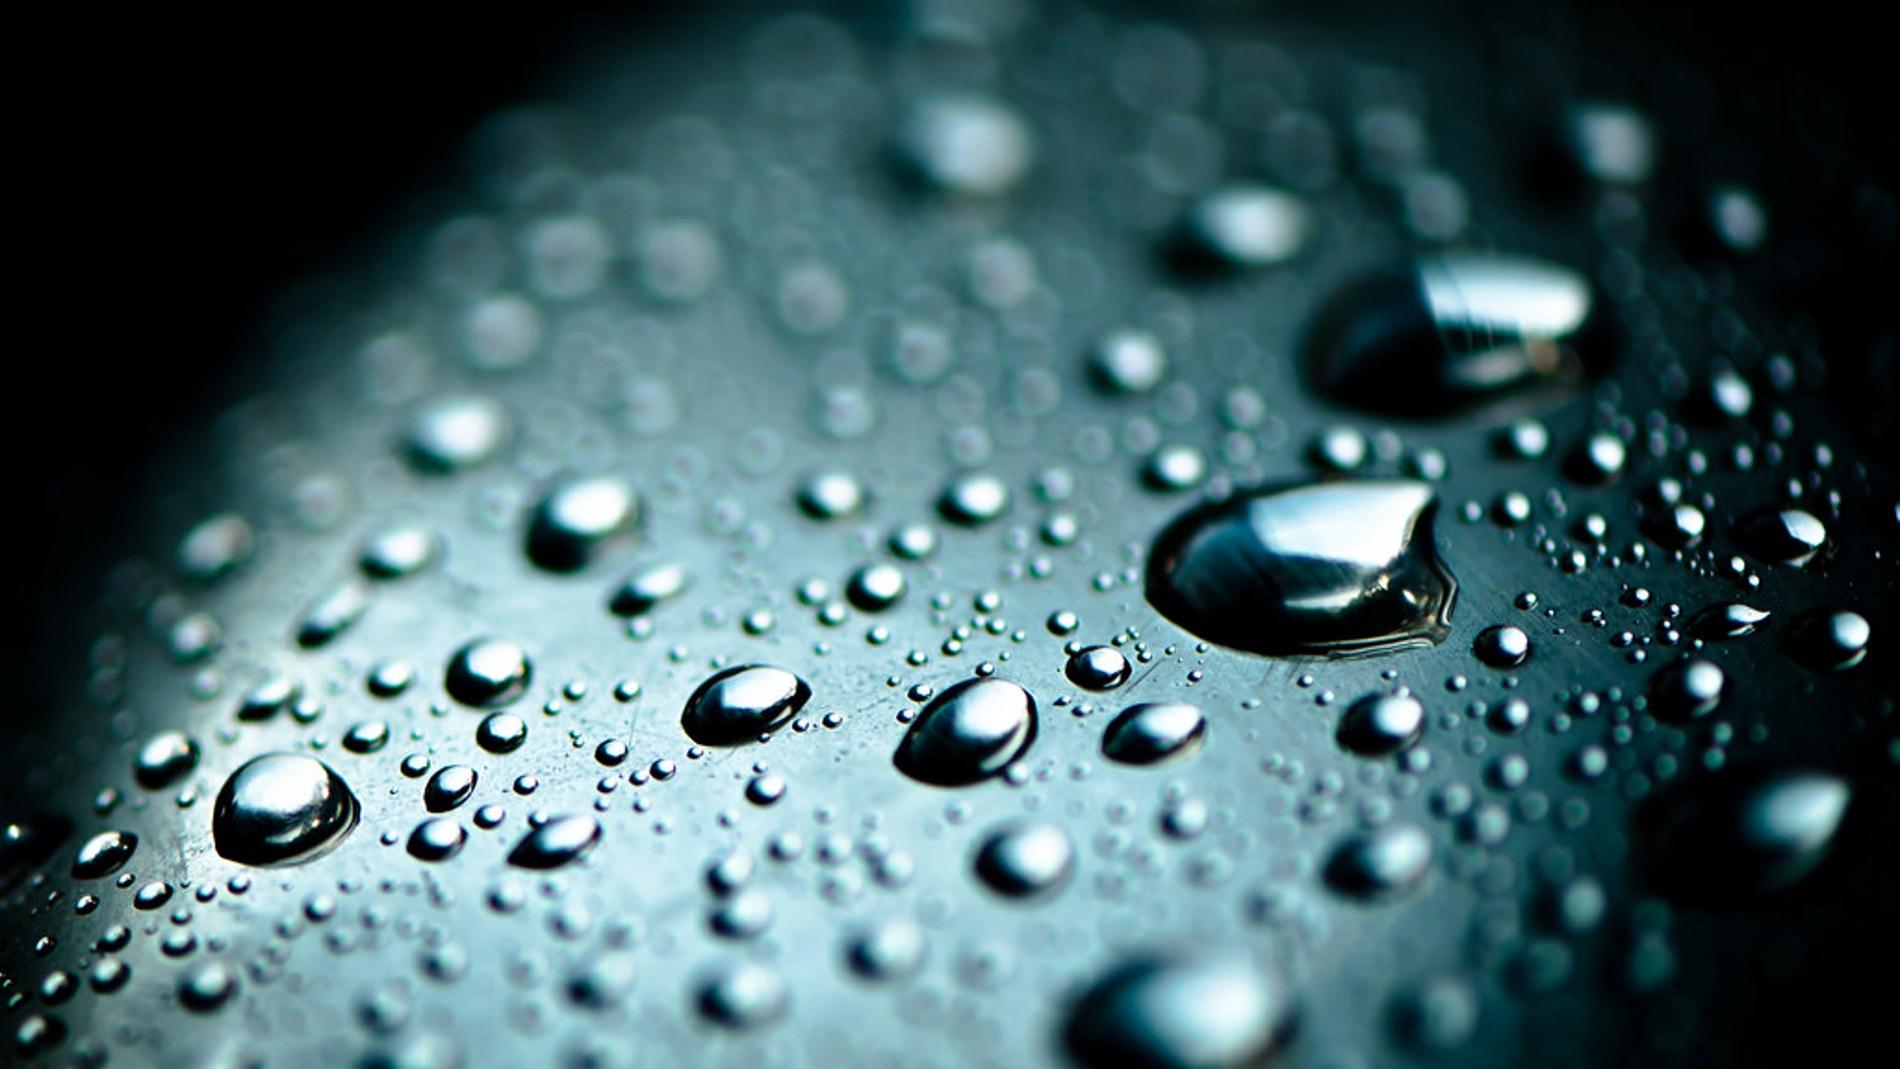 El hallazgo podría aplicarse para mejorar los procesos de desalinización